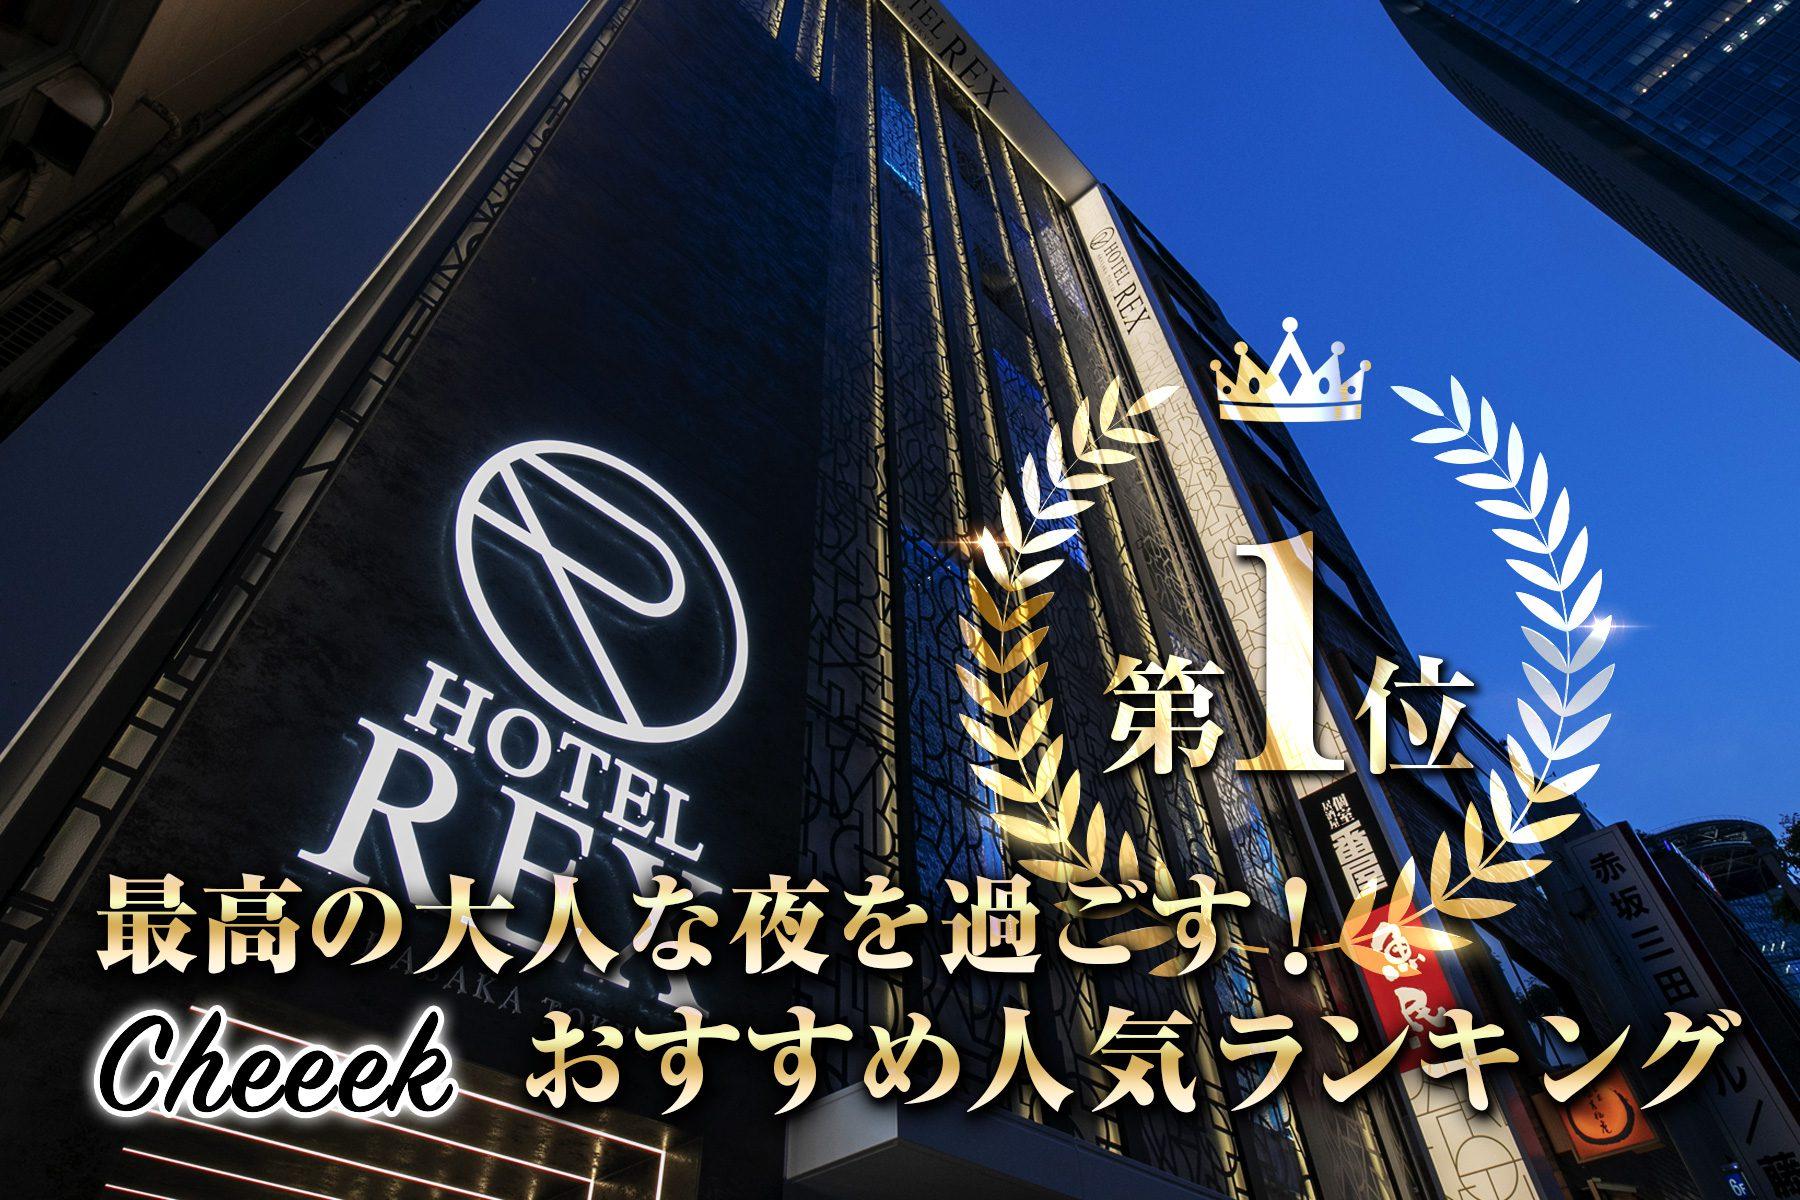 赤坂エリアで人気のおすすめホテルで1位にランクイン!